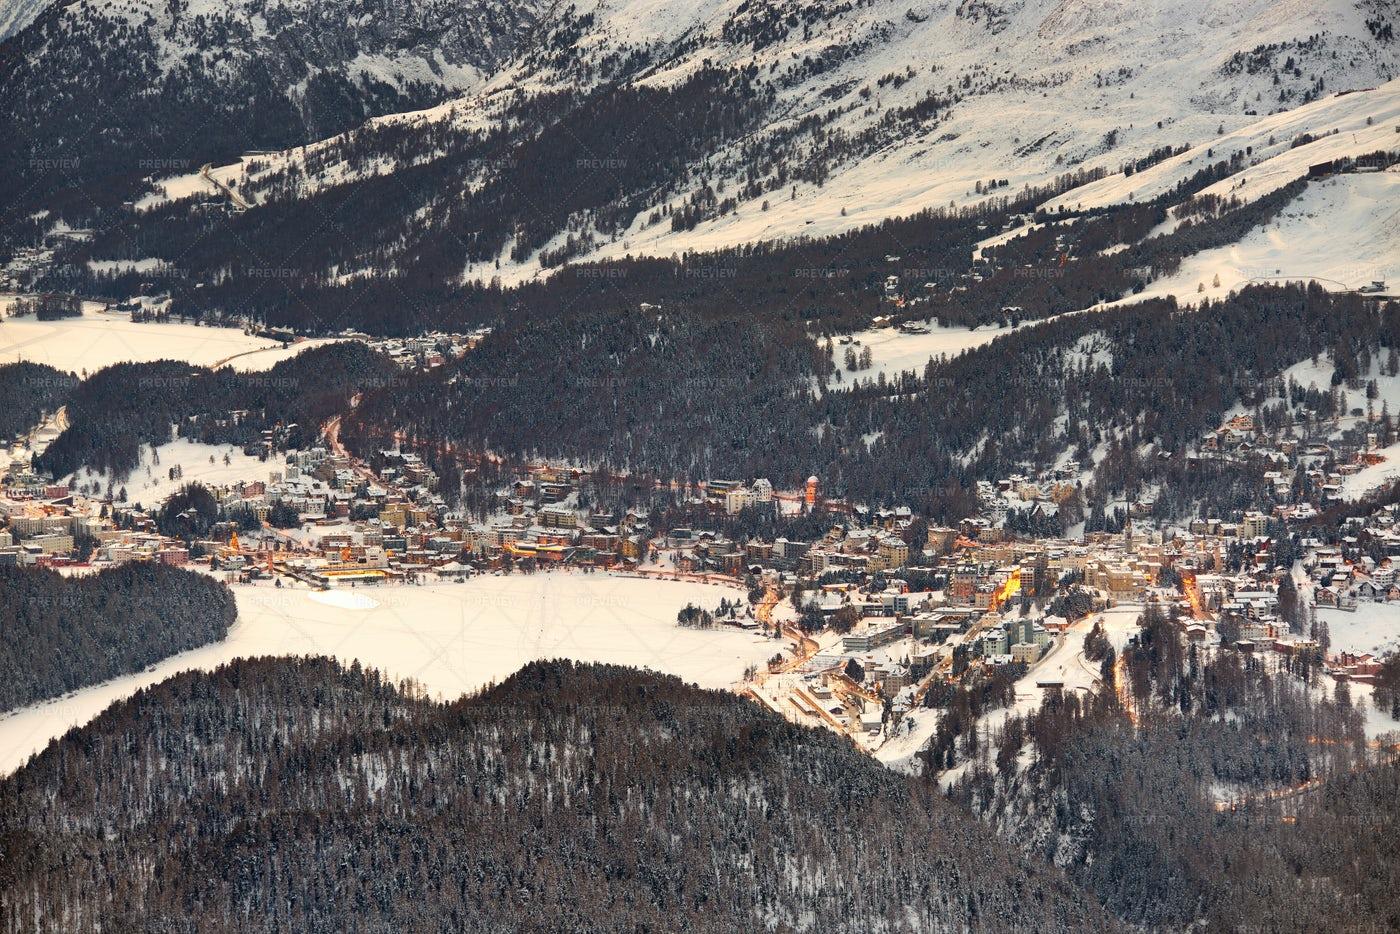 Sankt Moritz At Daylight: Stock Photos